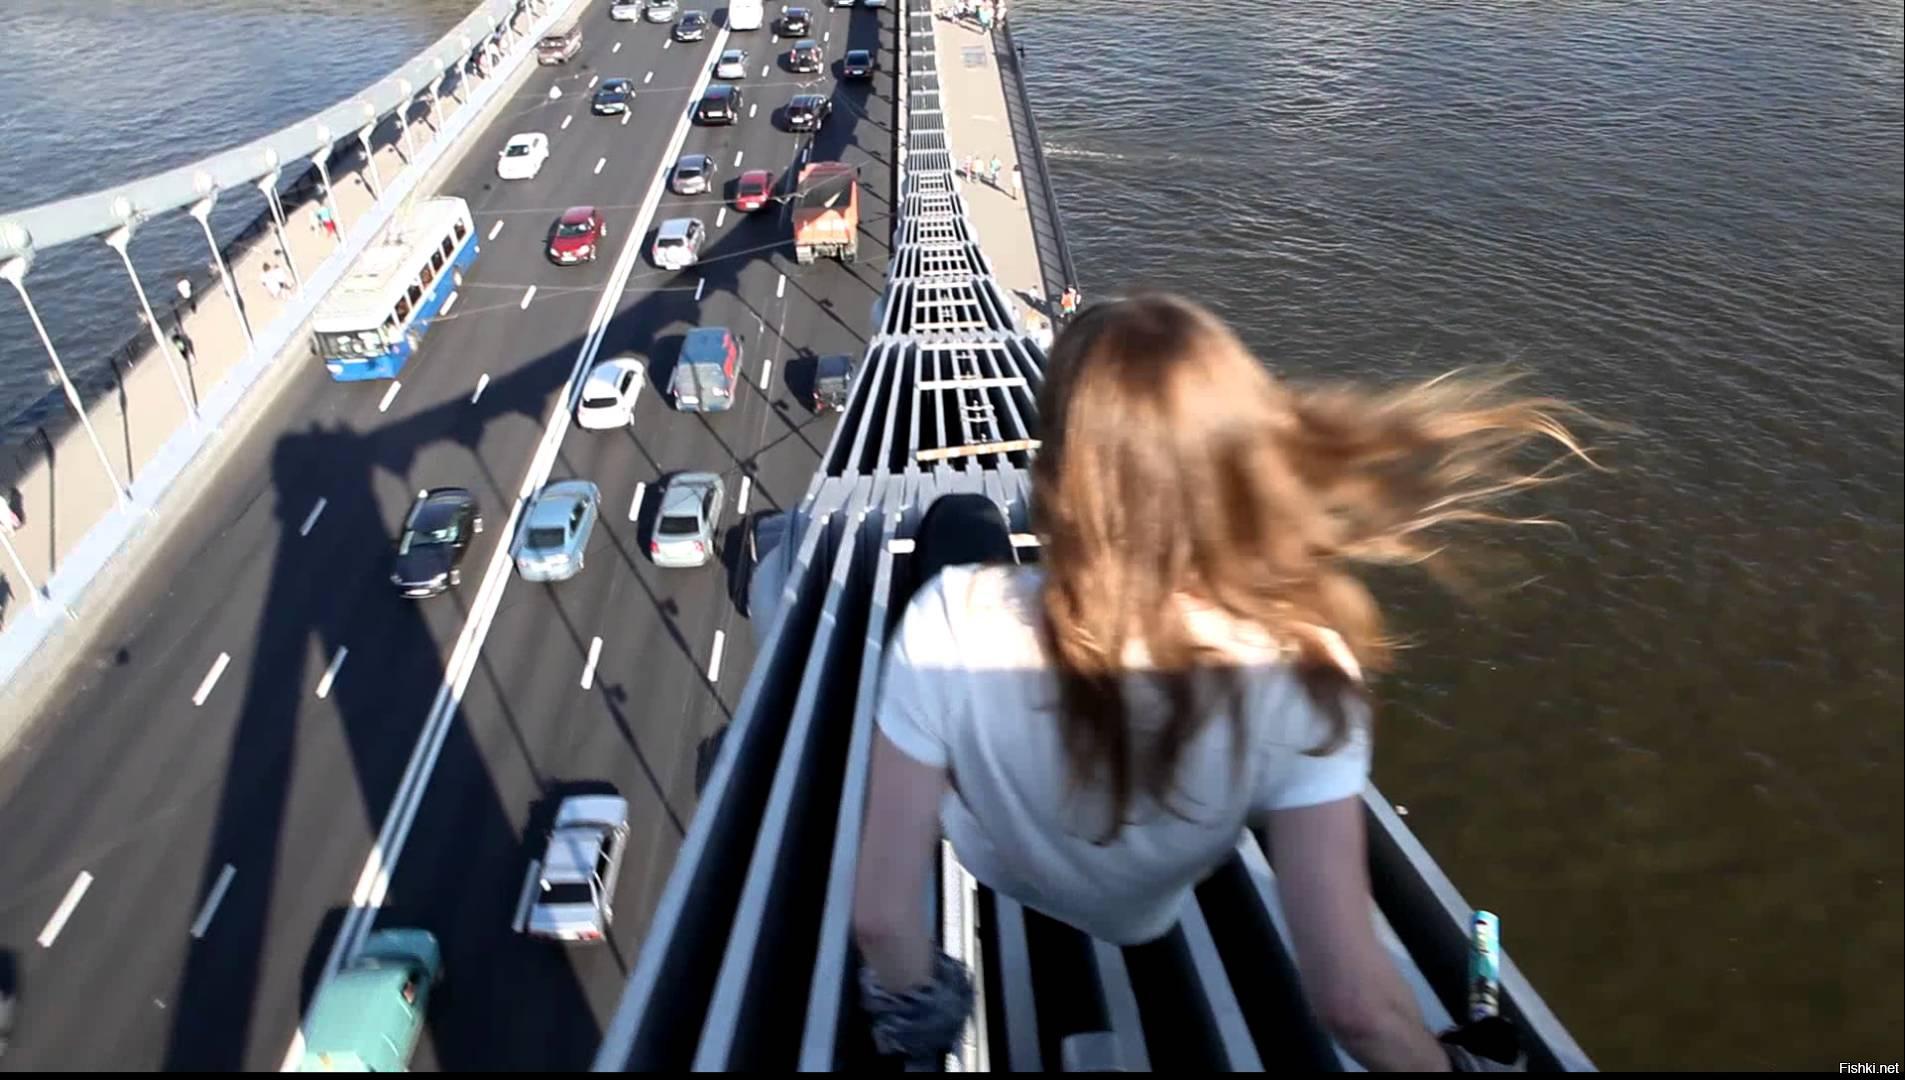 картинки спрыгнуть с моста также проста